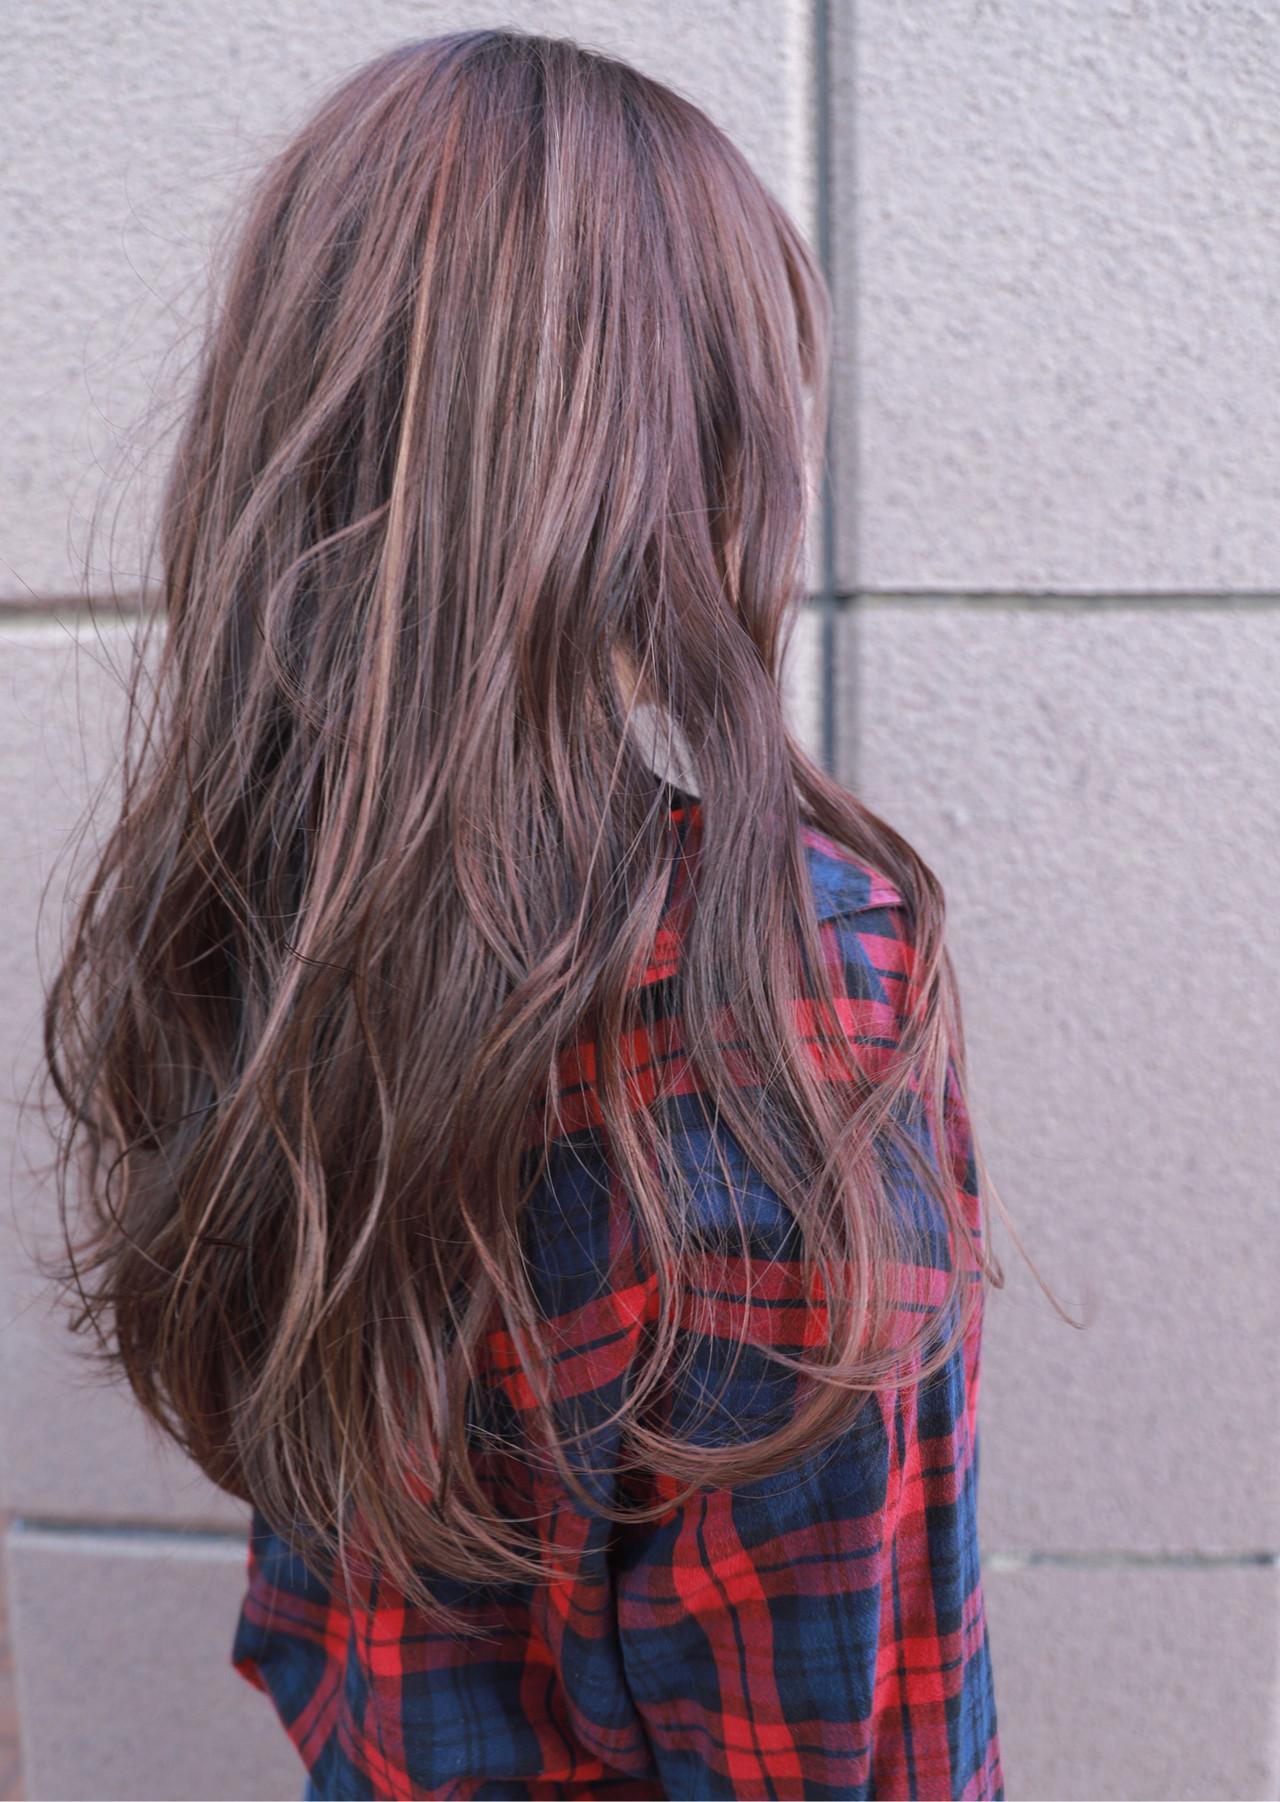 ヘアアレンジ グラデーションカラー ハイトーン ナチュラル ヘアスタイルや髪型の写真・画像